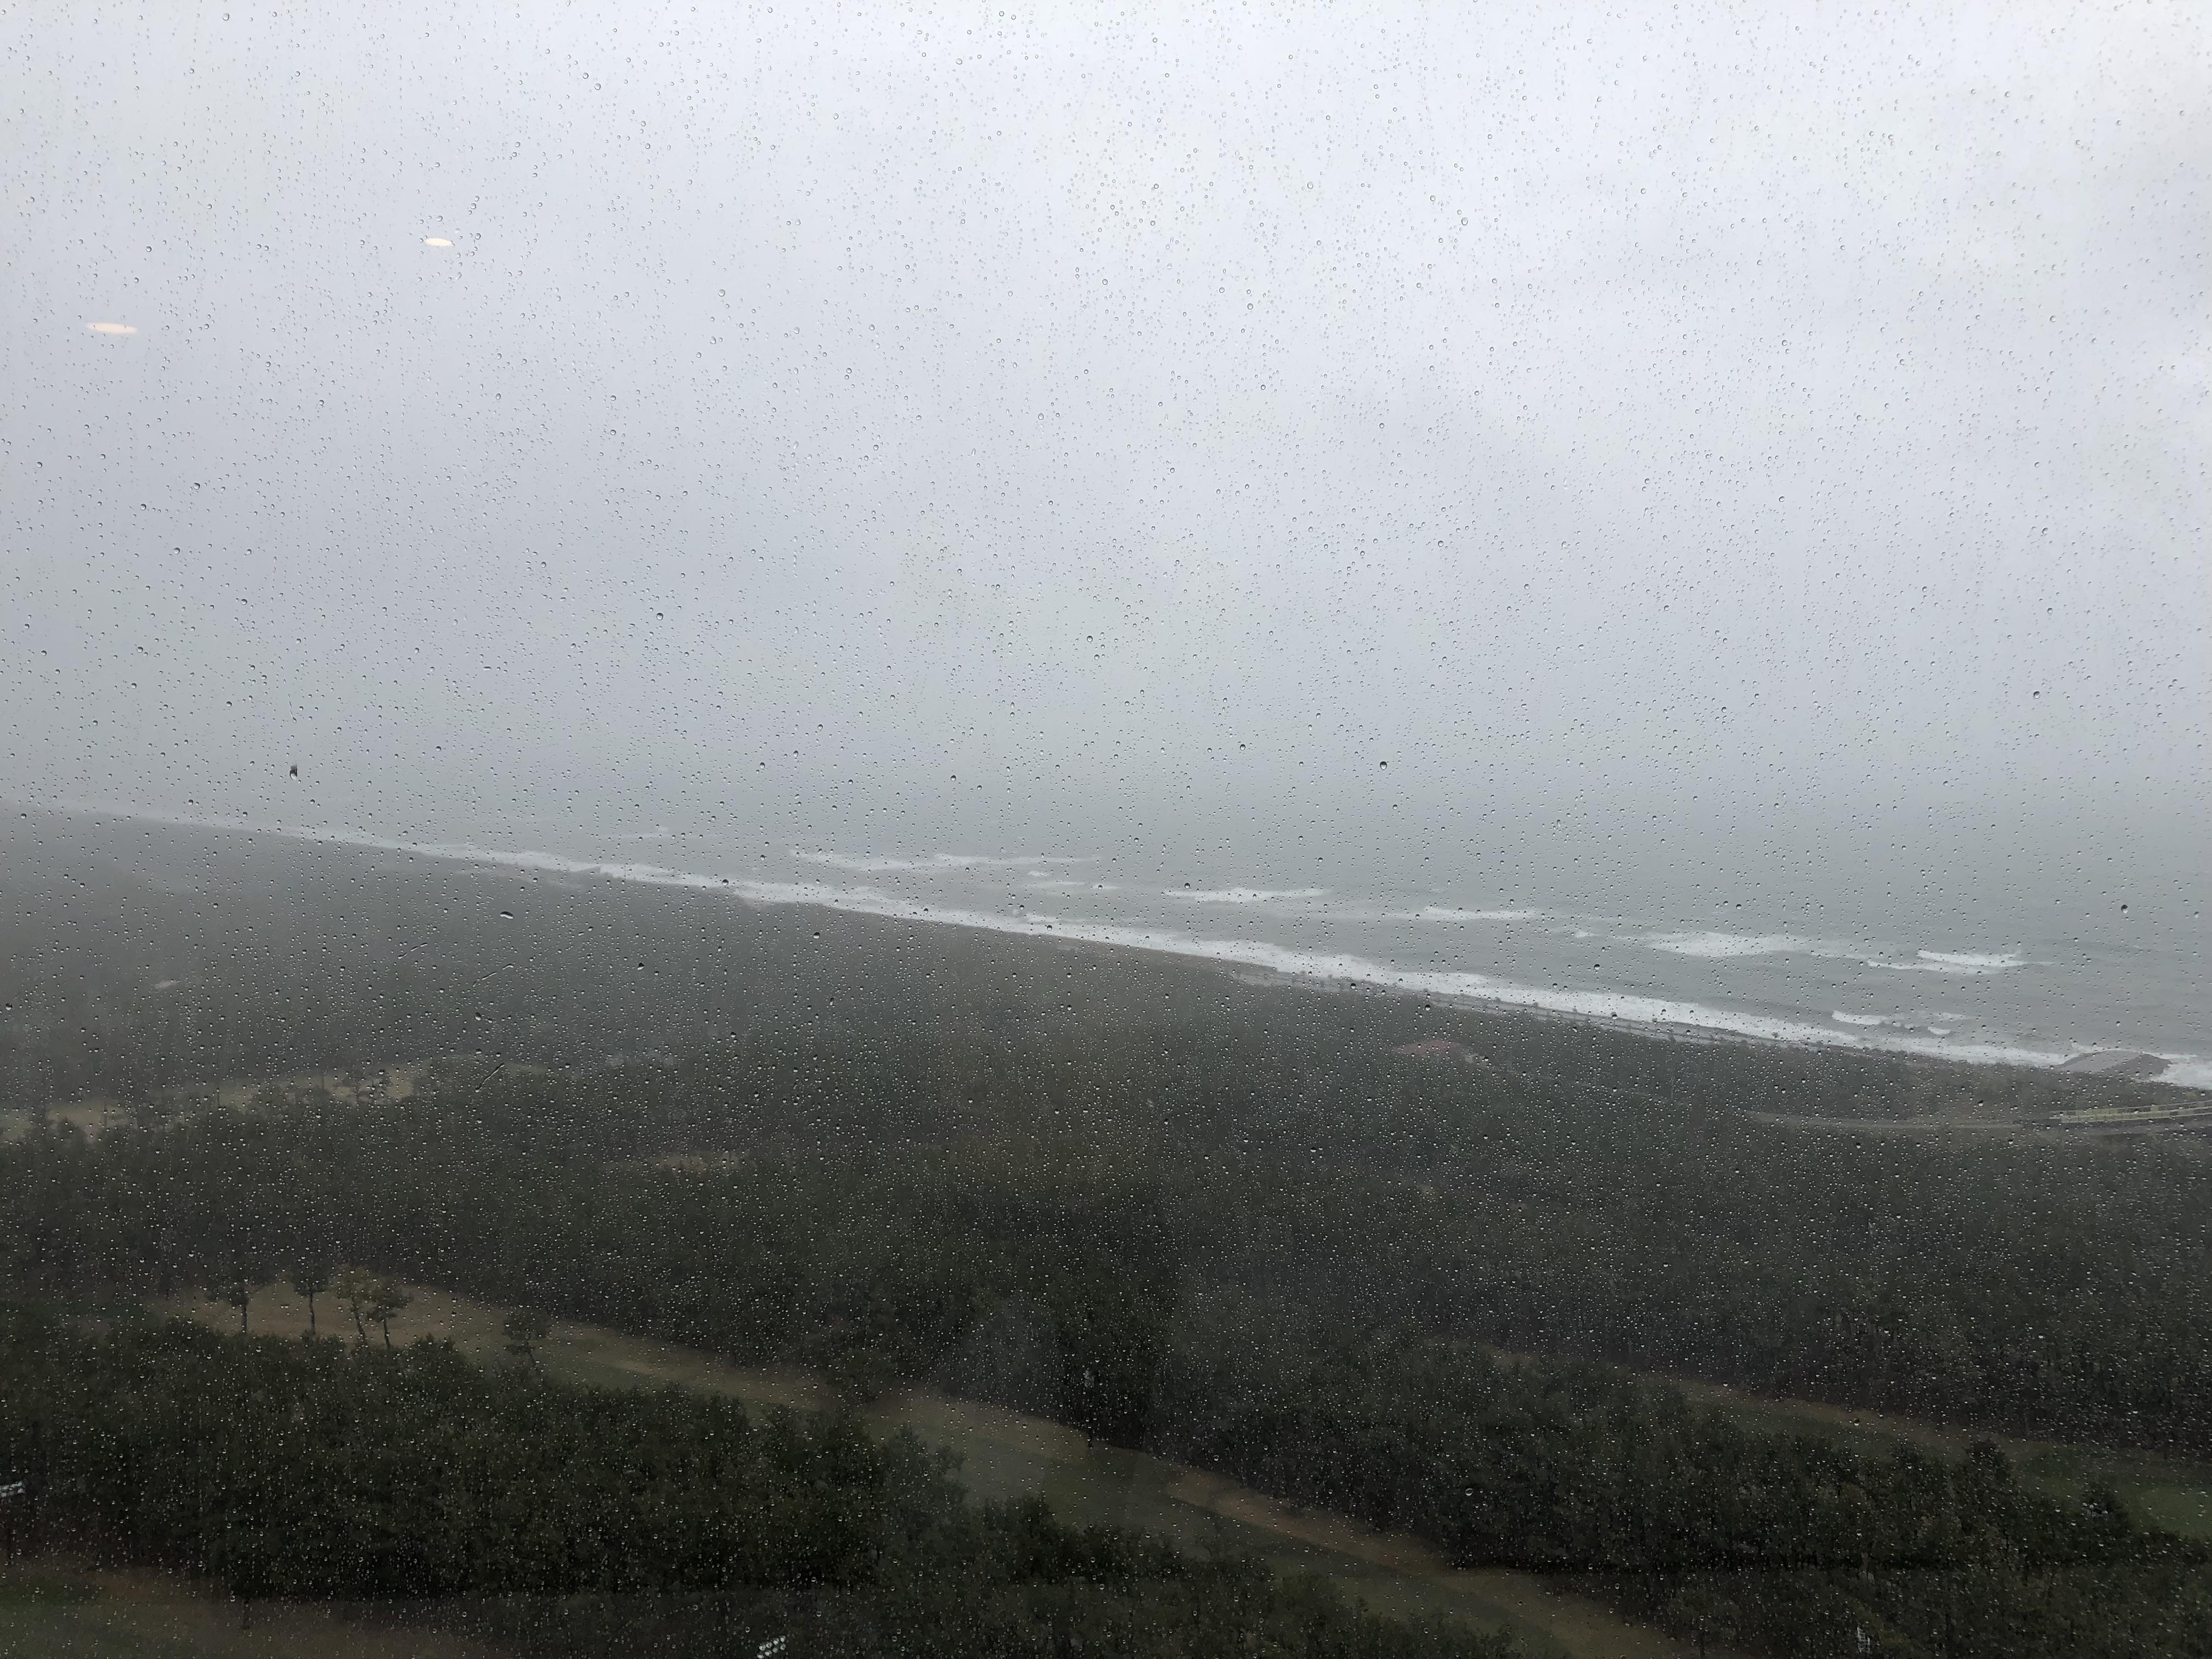 コーナースイート雨の日眺め シェラトン・グランデ・オーシャンリゾート